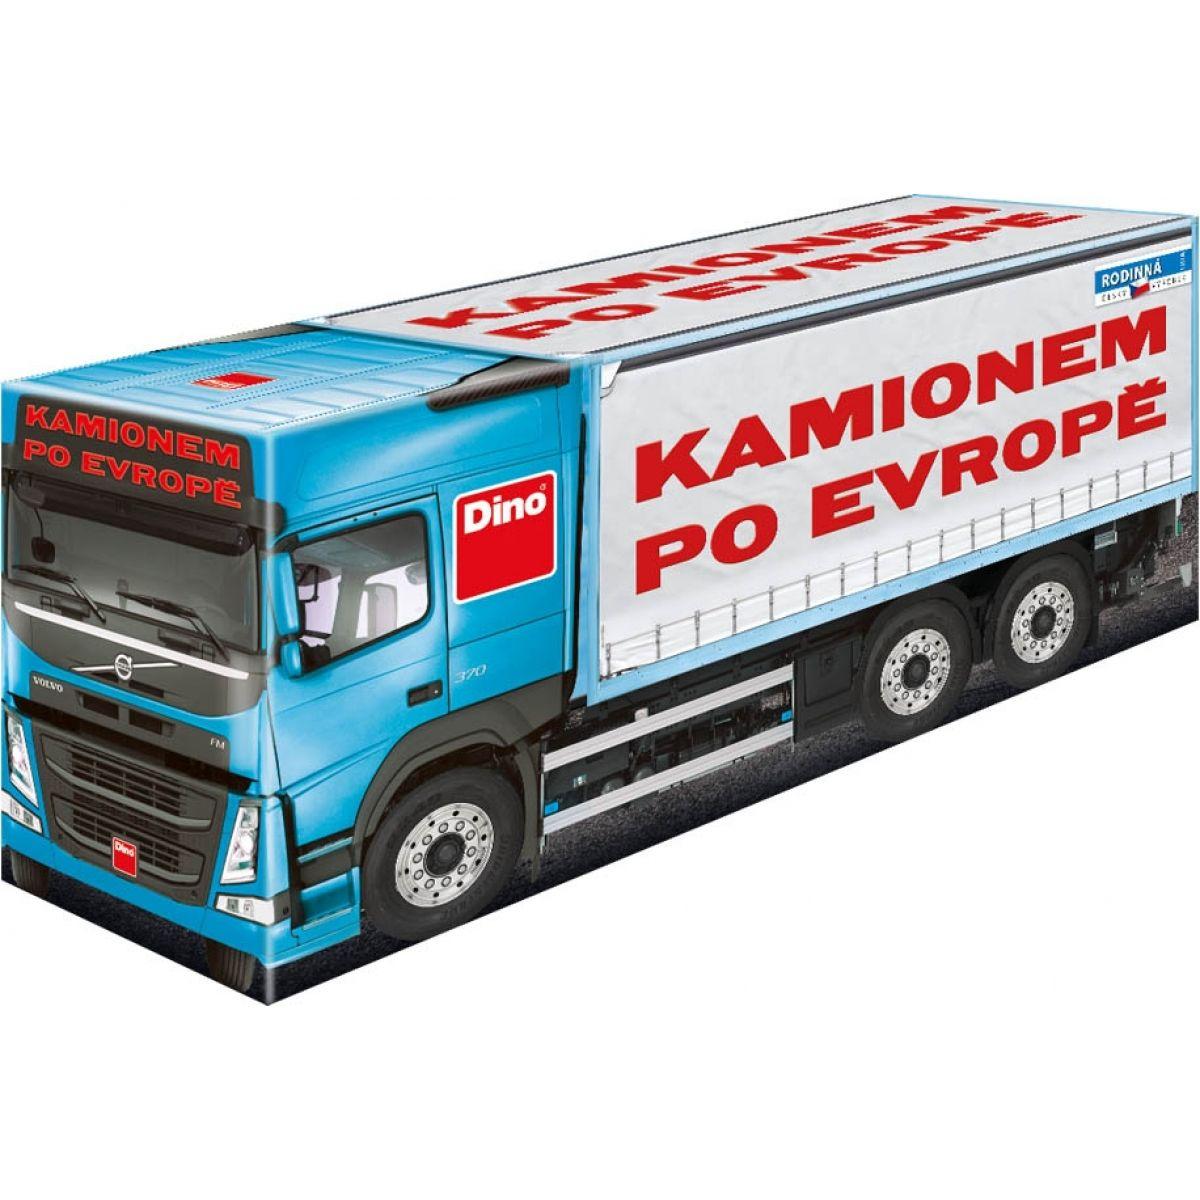 Dino kamiónom po Európe